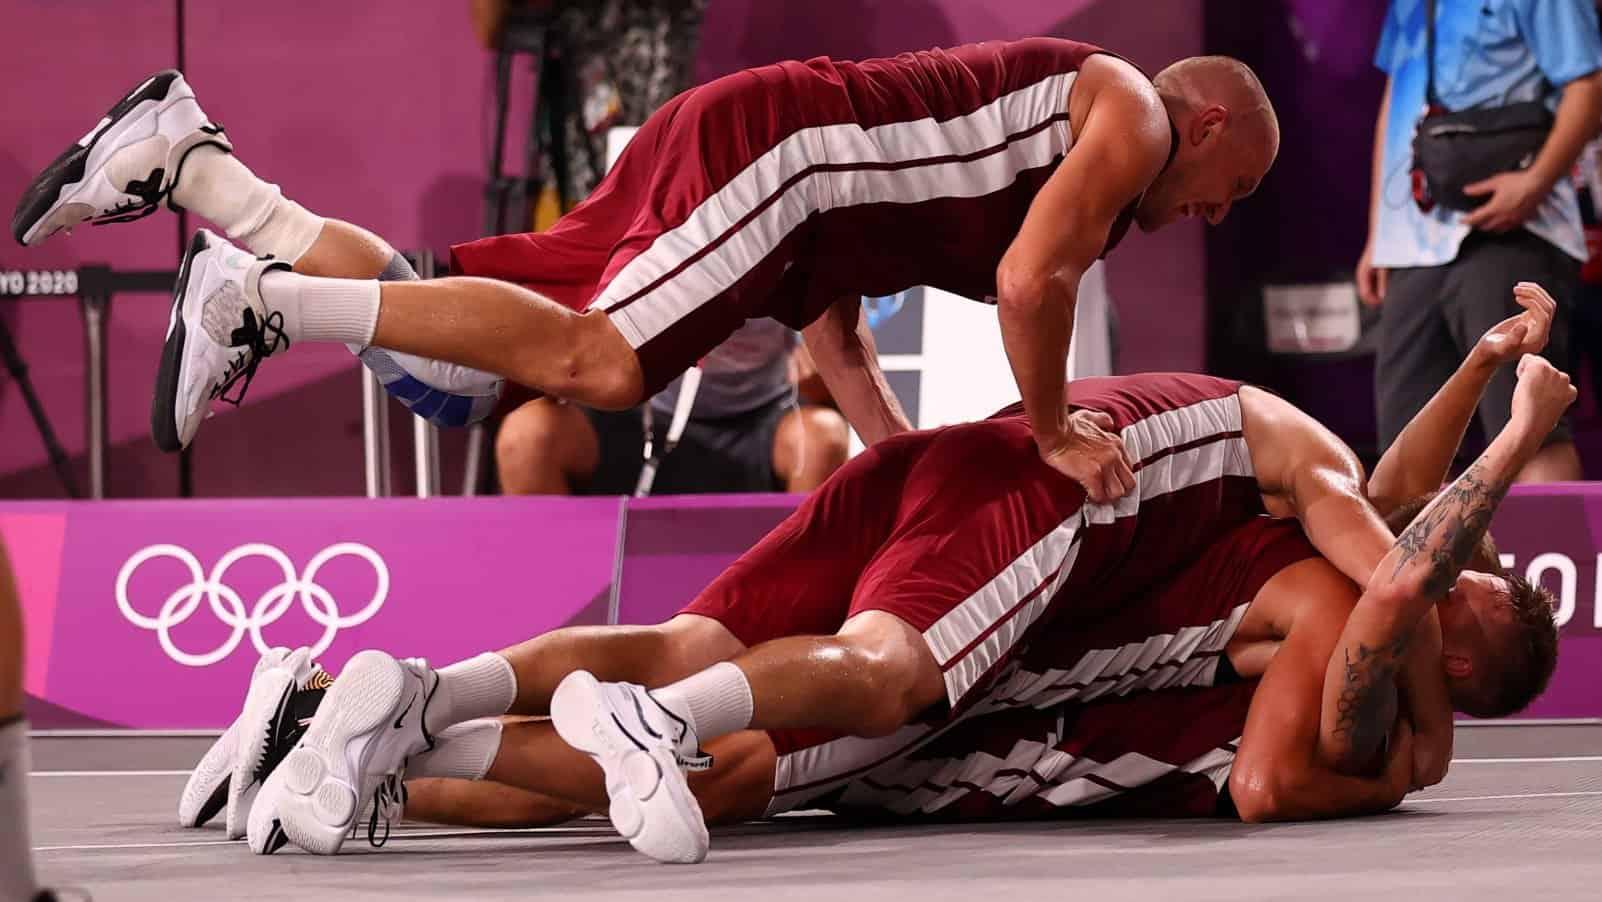 Призовые за золото сборной Латвии по баскетболу составят более 400 000 евро